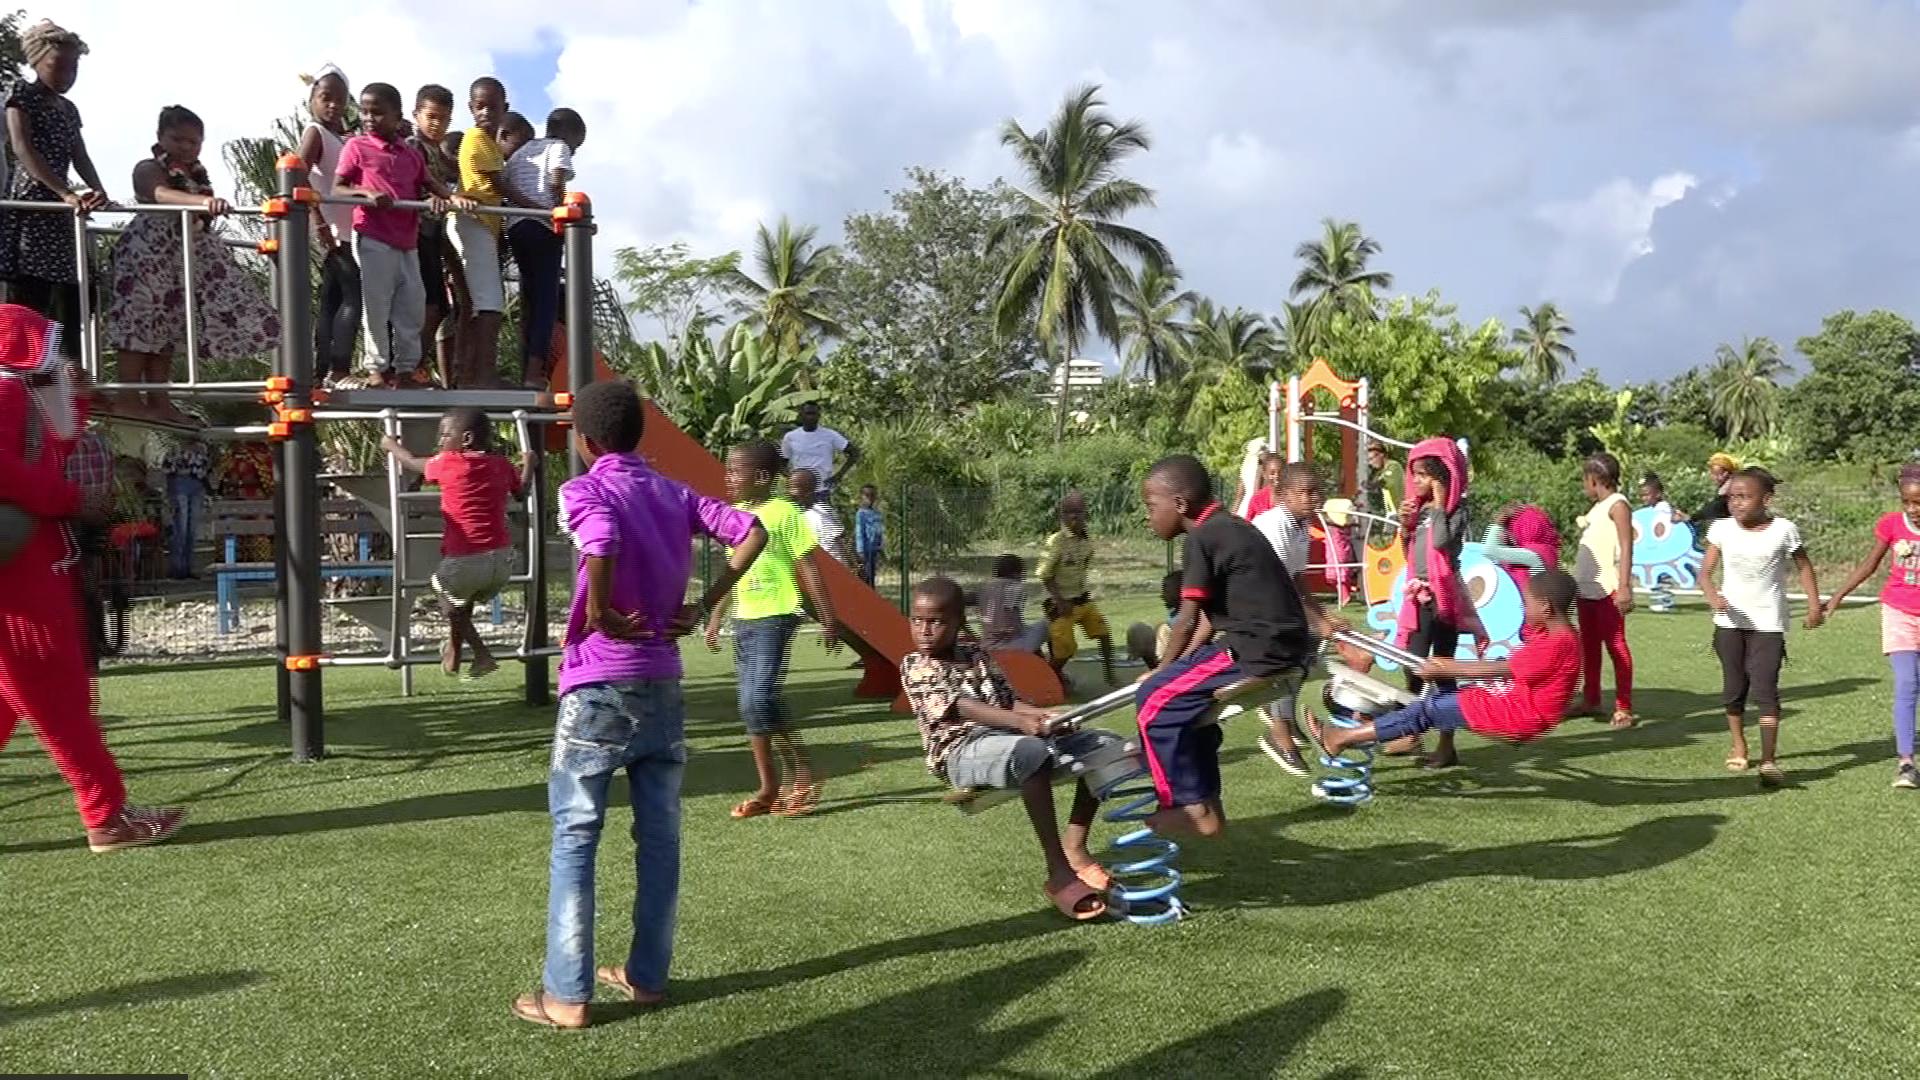 l aire de jeux pour enfants et le parc sportif inaugur s passama nty l 39 info kwezi. Black Bedroom Furniture Sets. Home Design Ideas